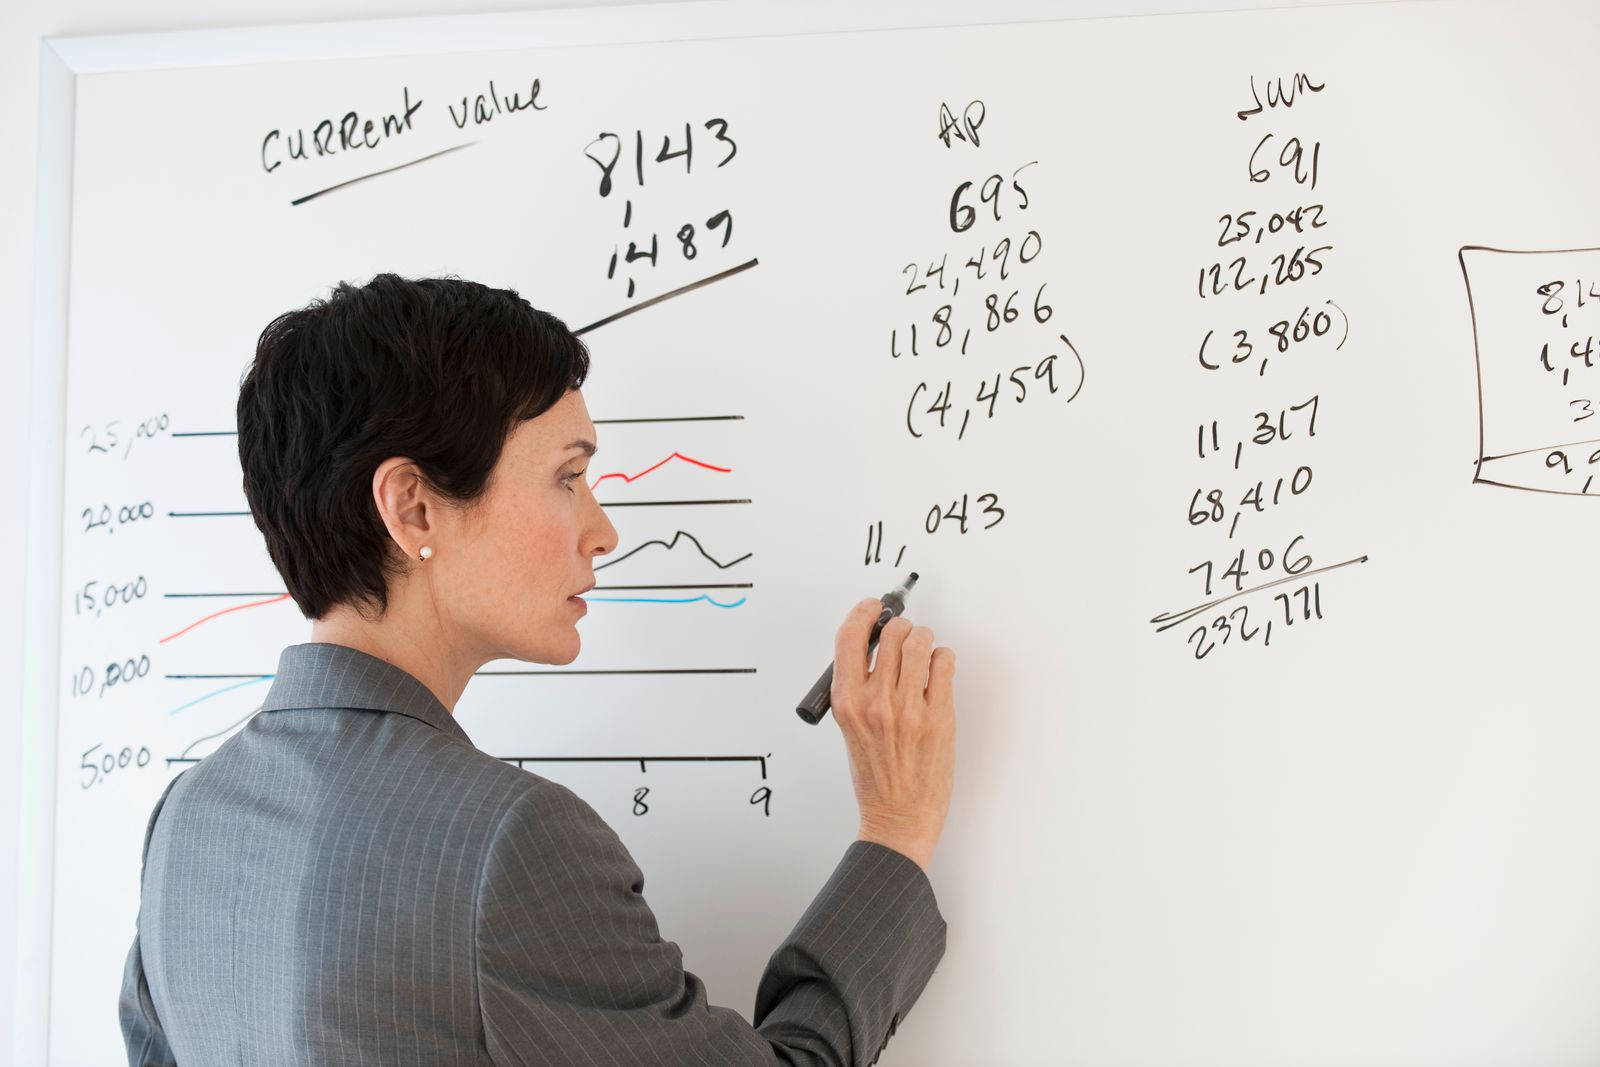 NICHT MEHR VERWENDEN! - Businesswoman writing on white board